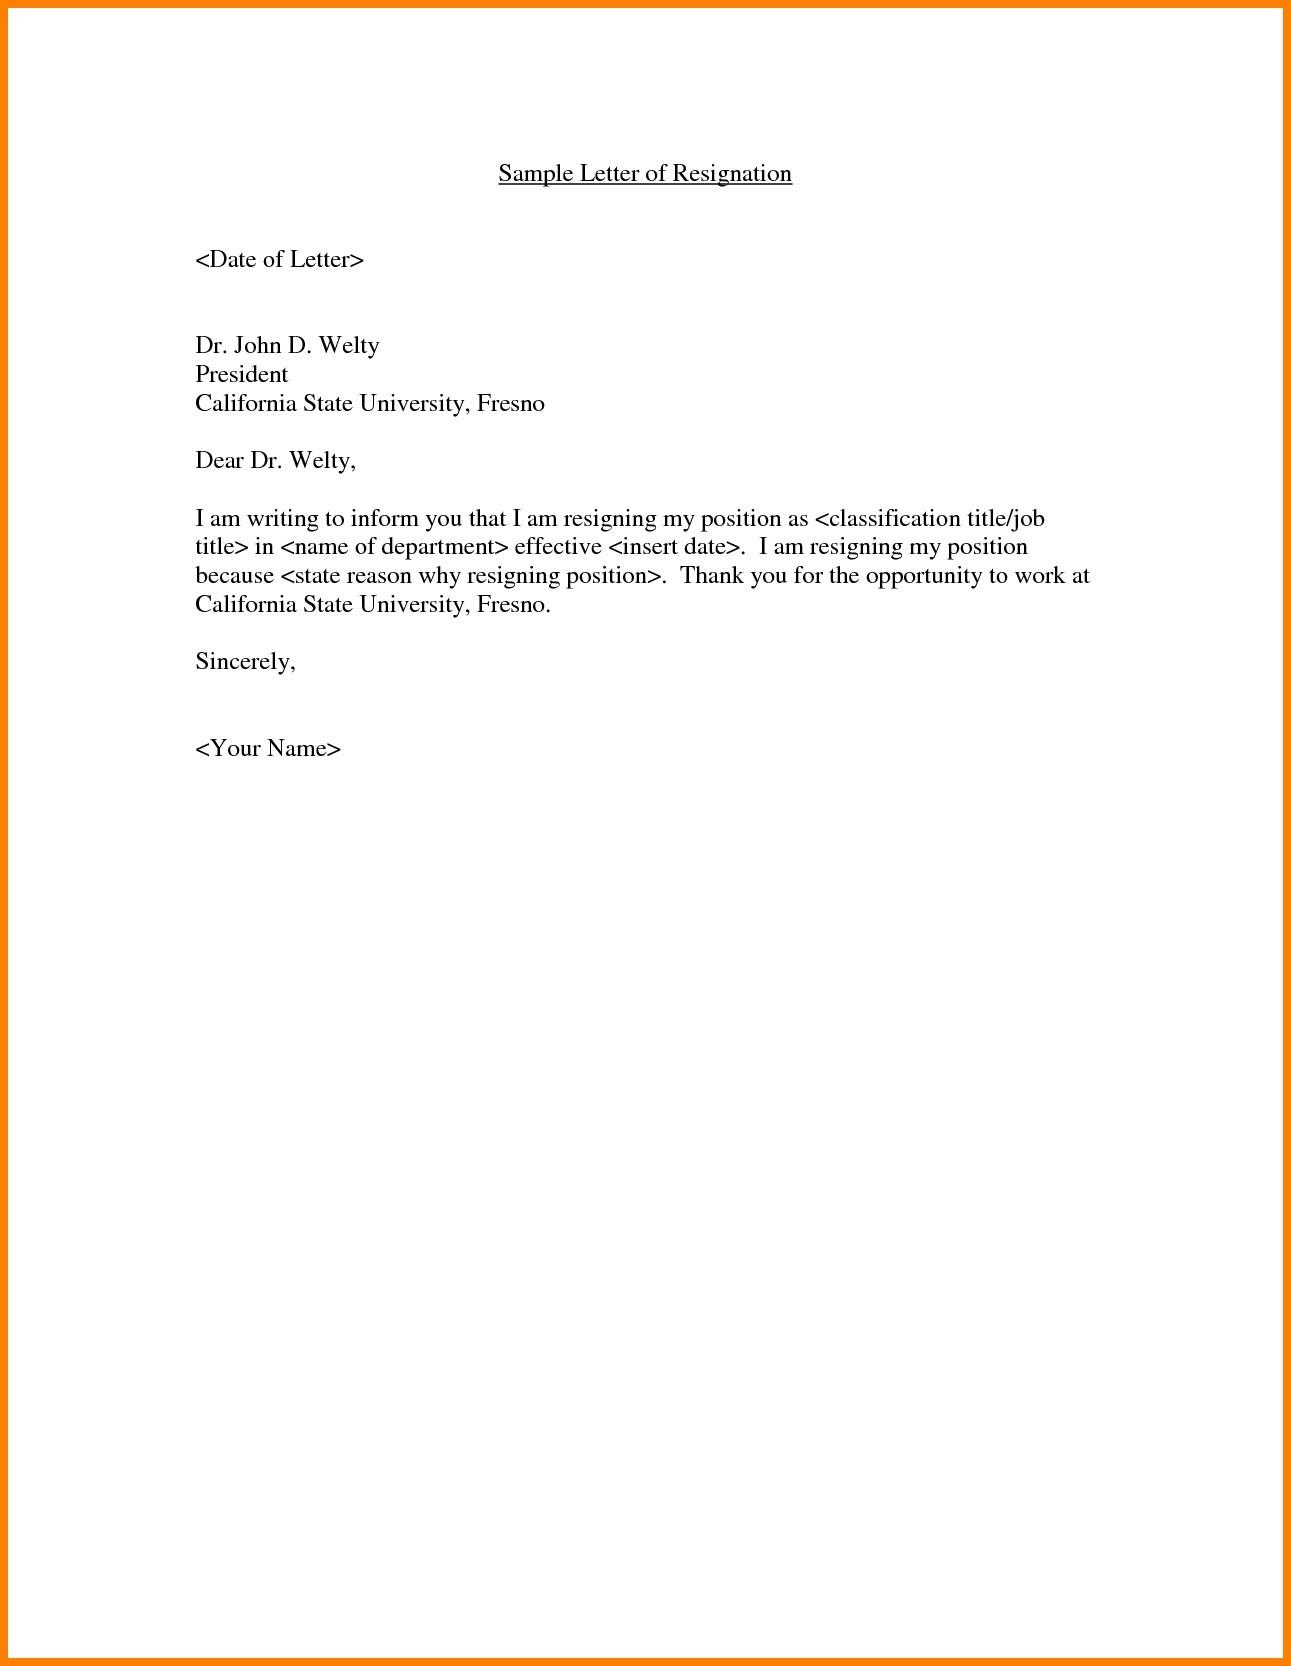 Employment Offer Letter Template California - Employment Fer Letter Template Doc Copy Resignation Letter Sample